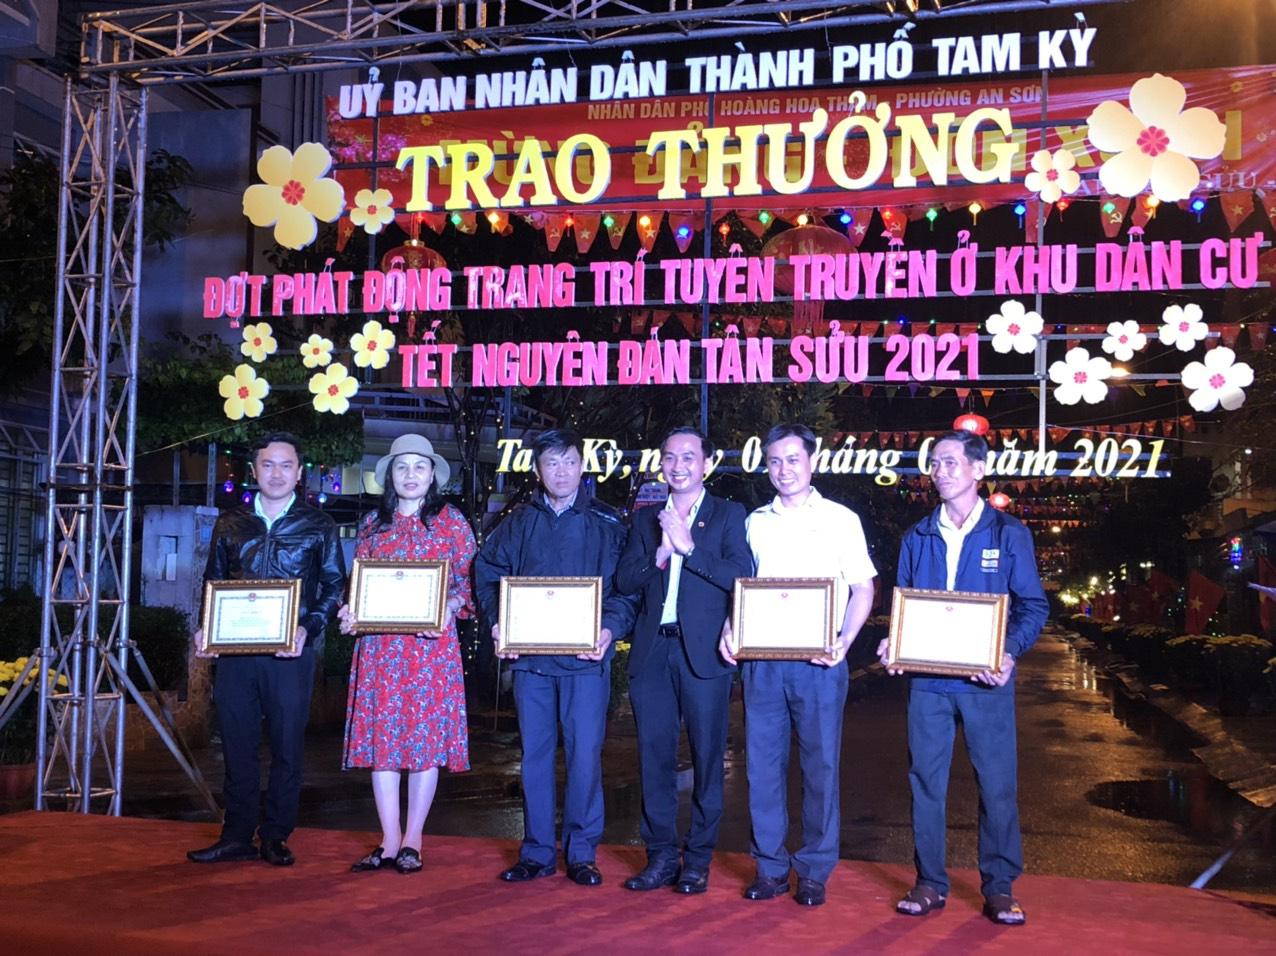 Quảng Nam: Rực rỡ tuyến đường đạt giải nhất cuộc thi trang trí ngày tết - Ảnh 1.